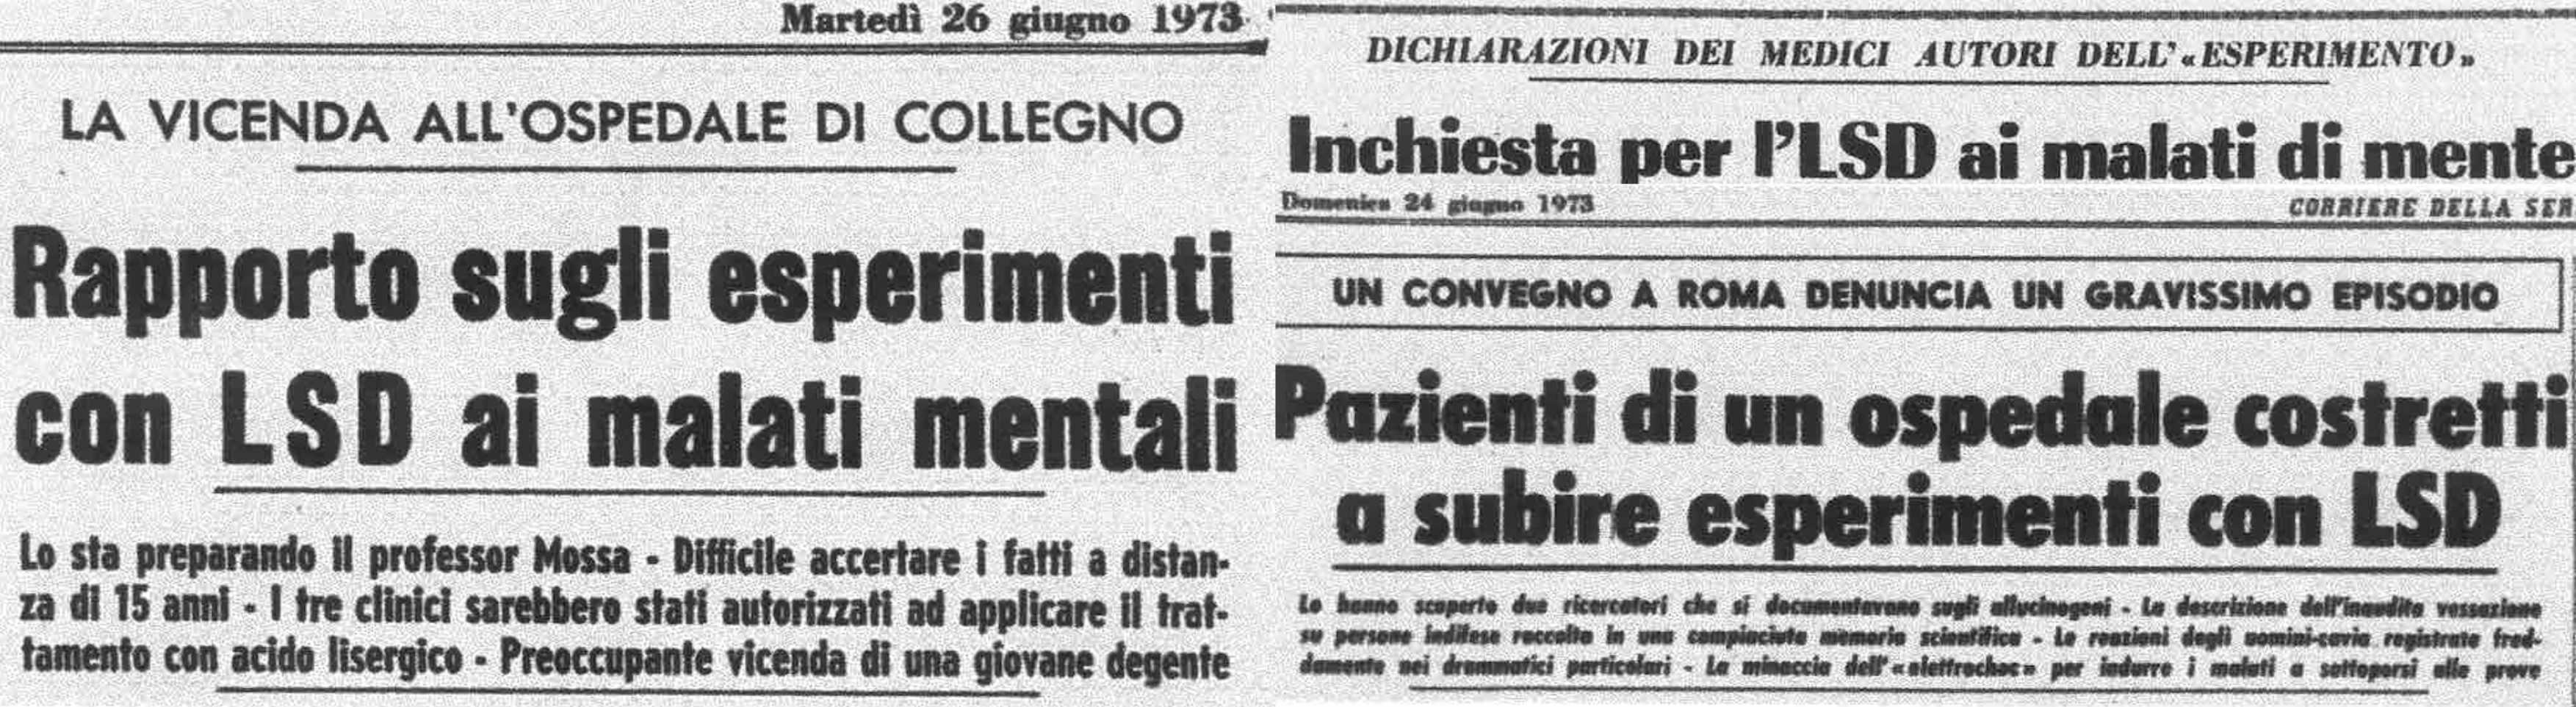 Alcuni titoli del Corriere della Sera dell'estate 1973